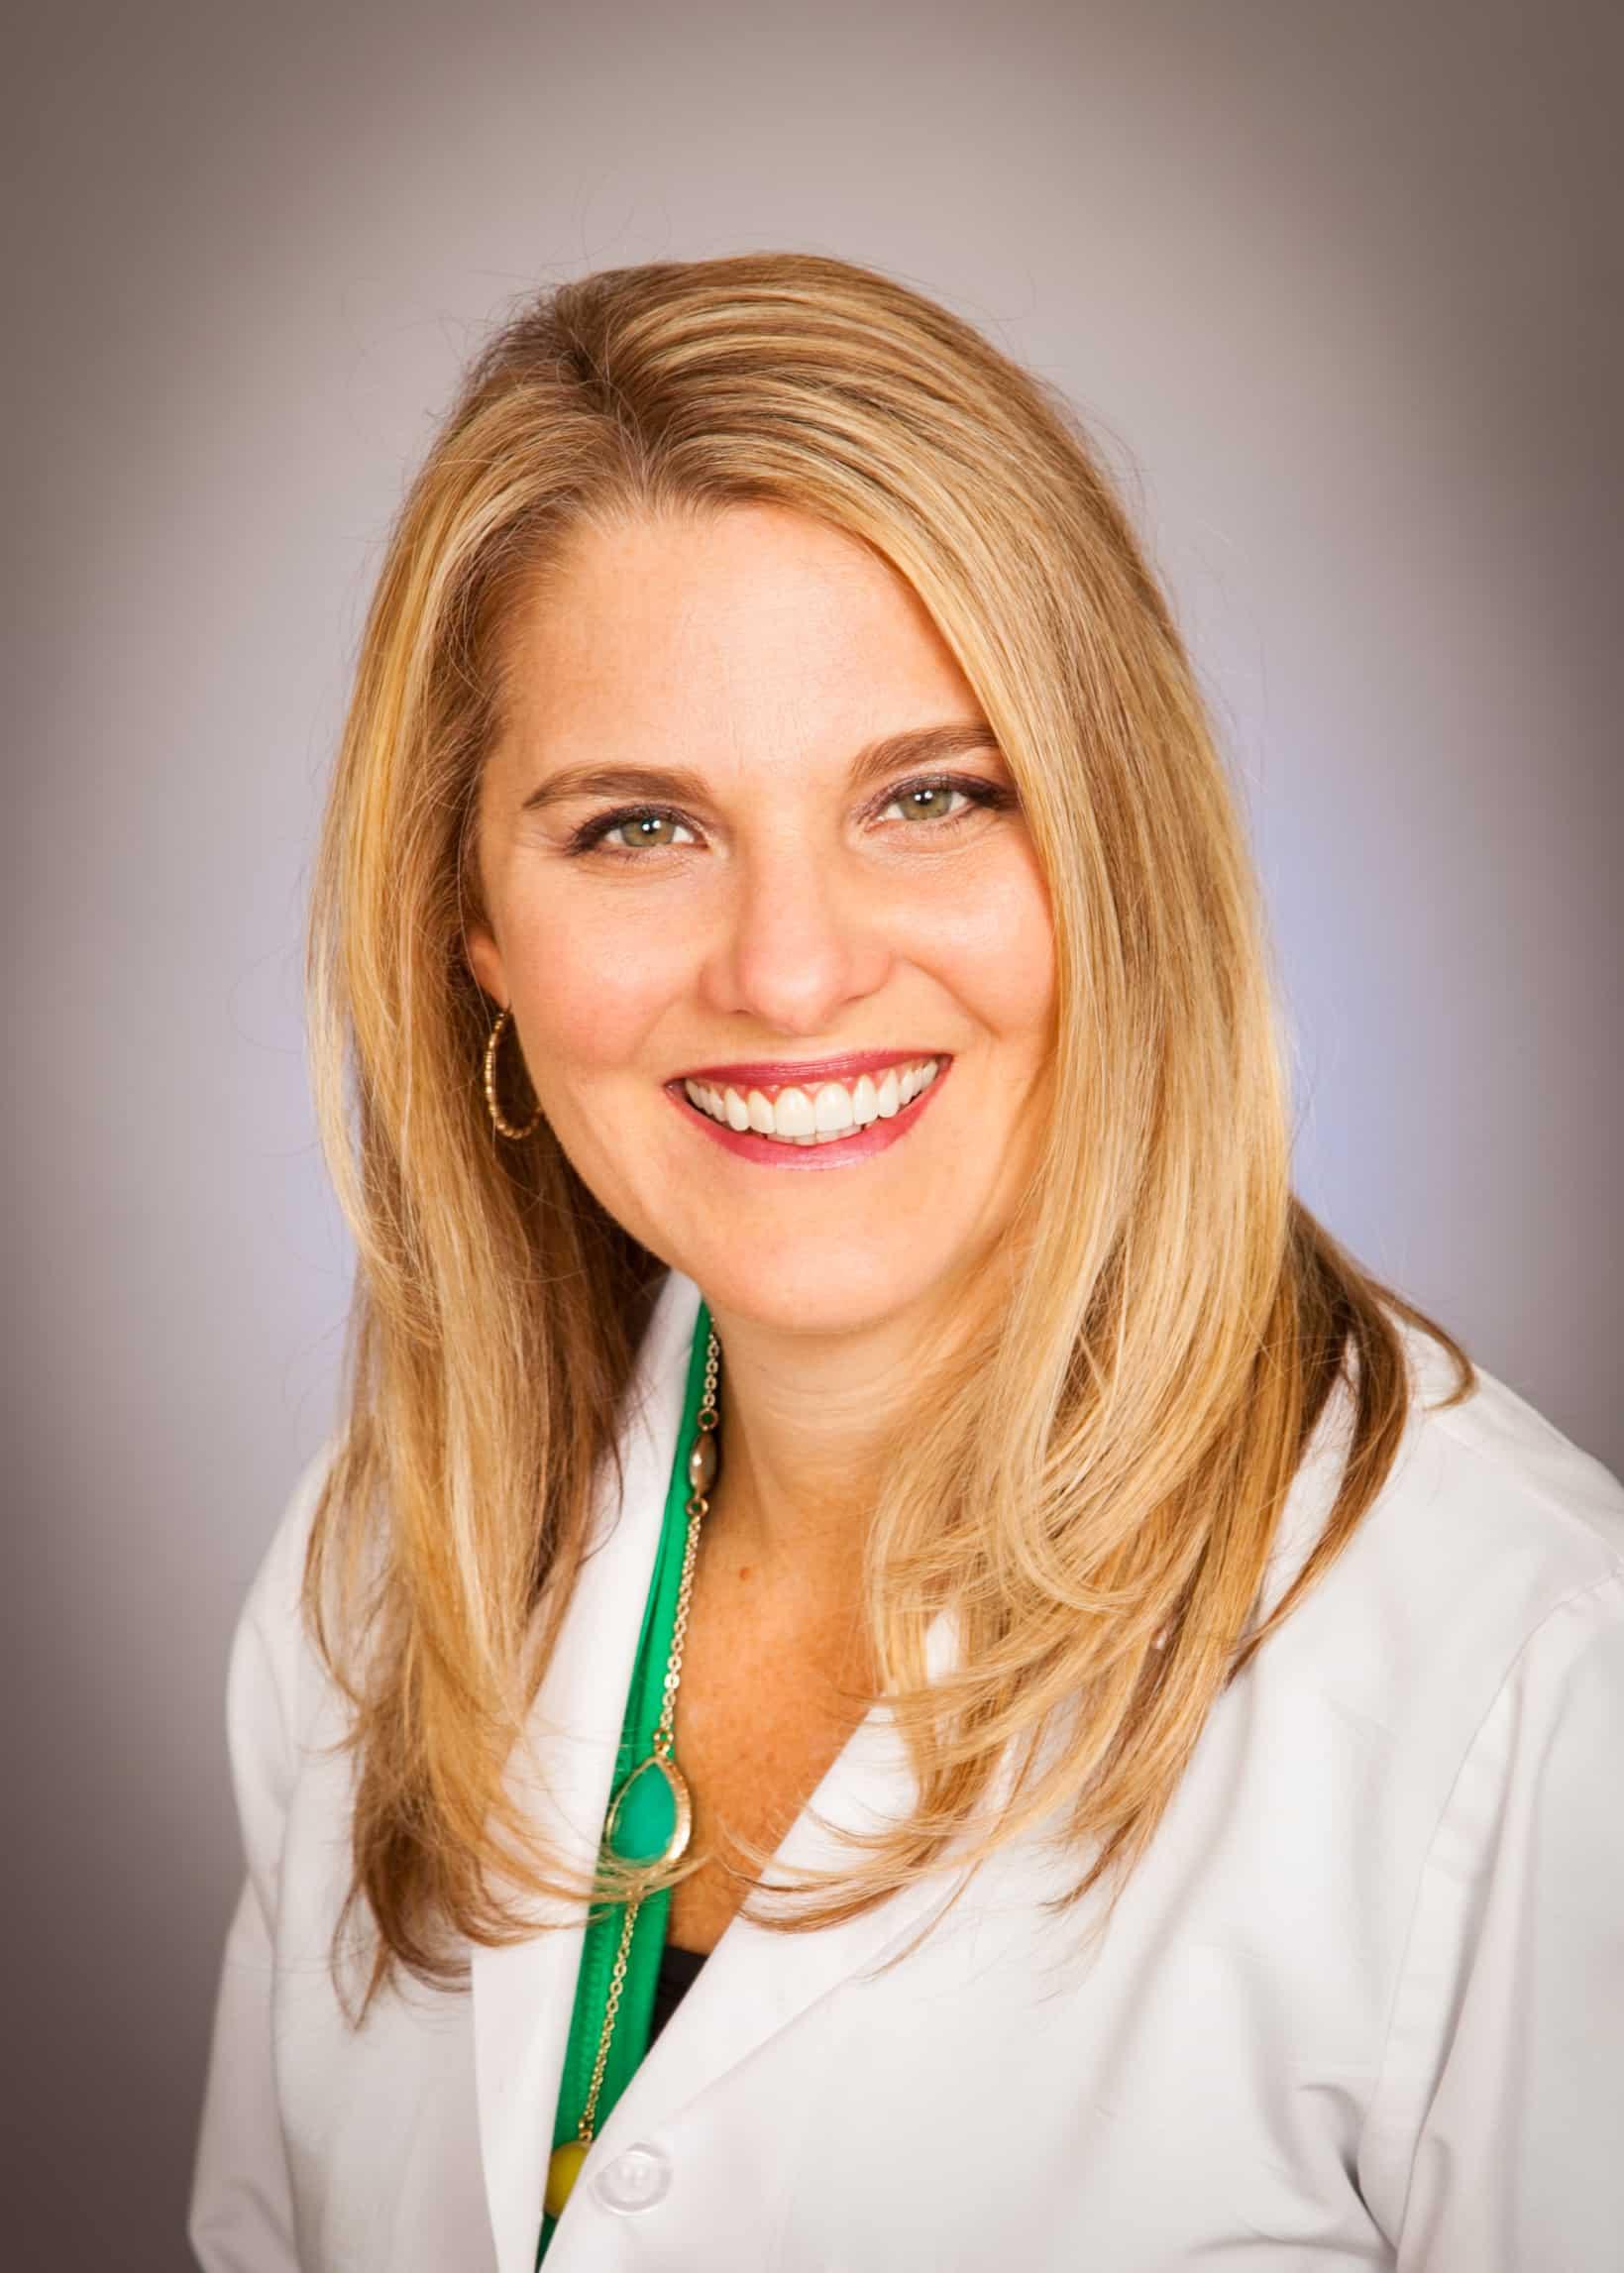 Dr. Jacqueline Winkelmann